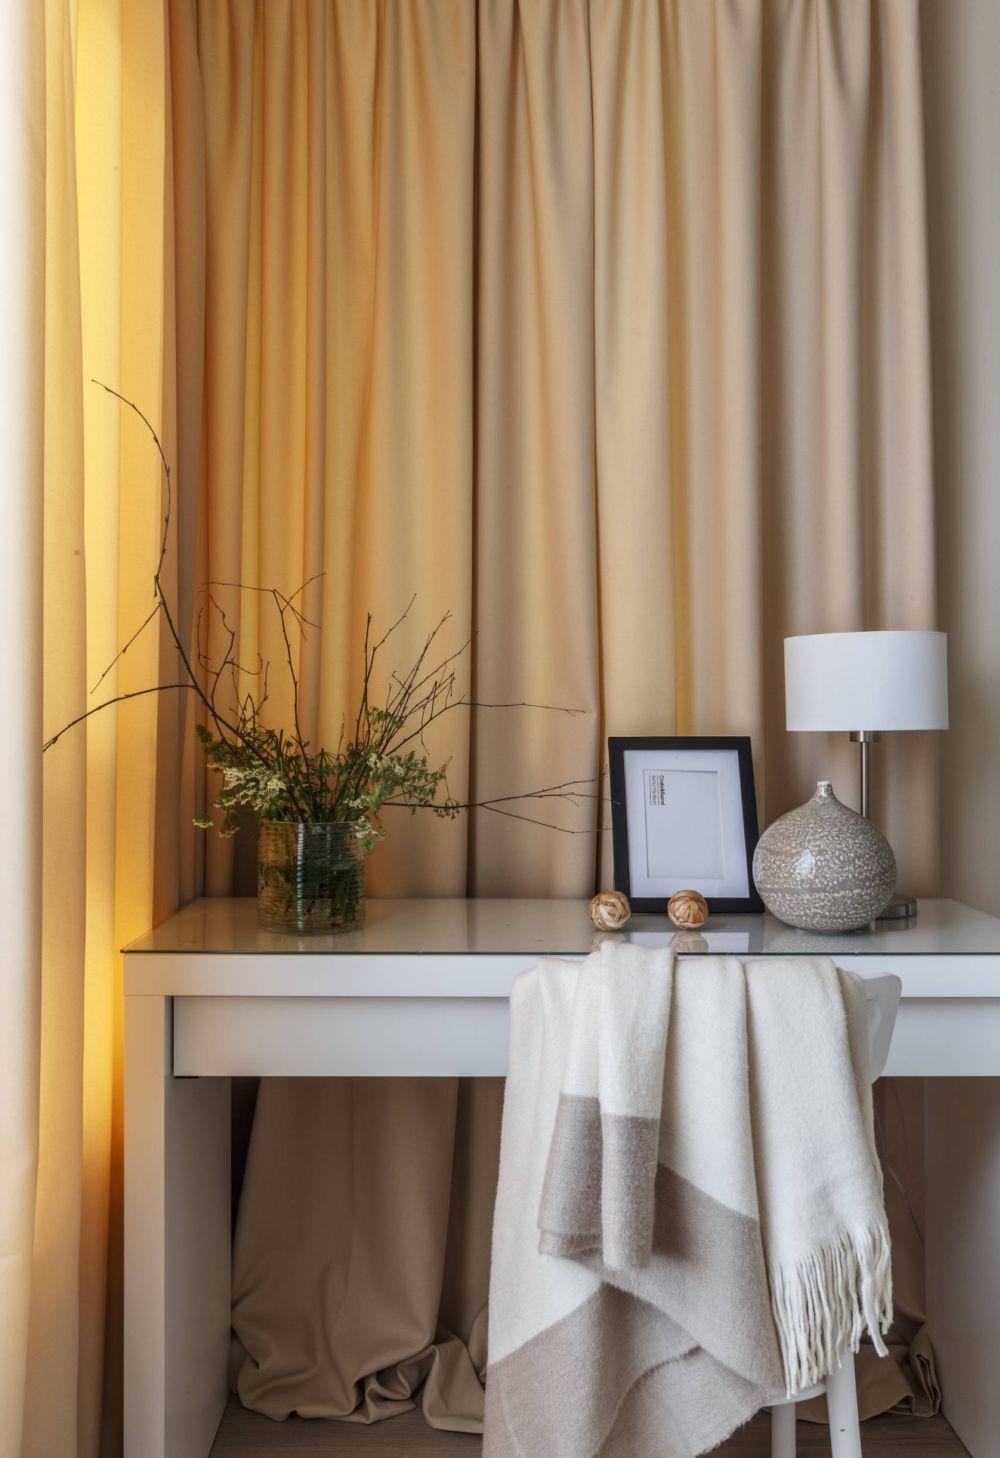 adelaparvu.com despre apartament 2 camere 50 mp, design interior SunWaveStudio, foto Sergey Krasyuk (13)